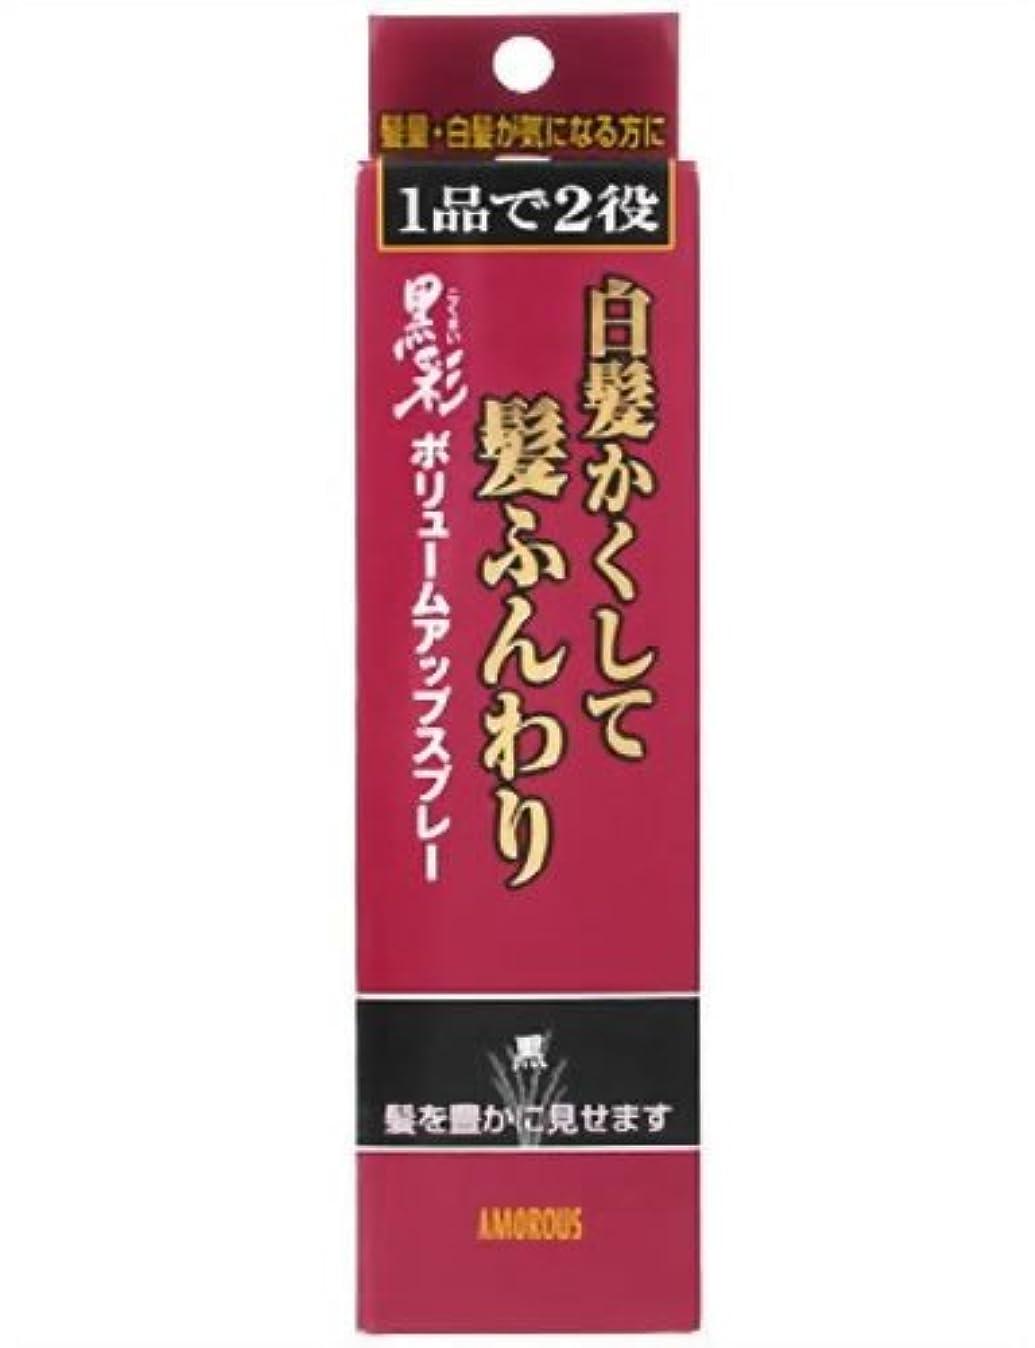 アルバム不安定値下げ黒彩 ボリュームアップスプレー 371 黒 142ML